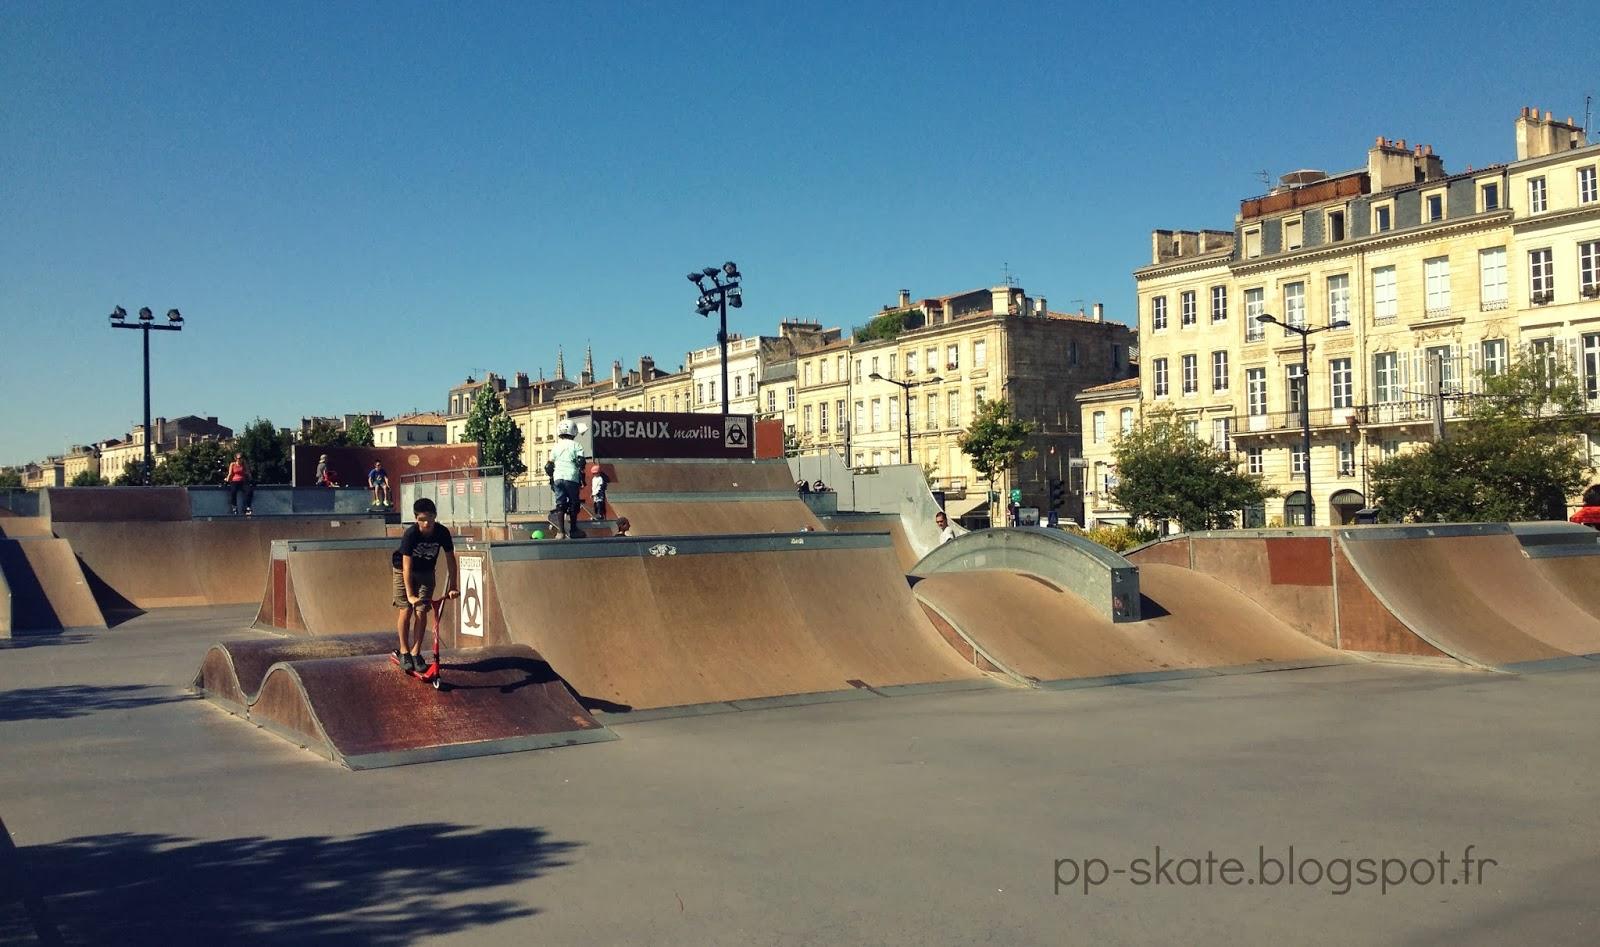 Skatepark Bordeaux